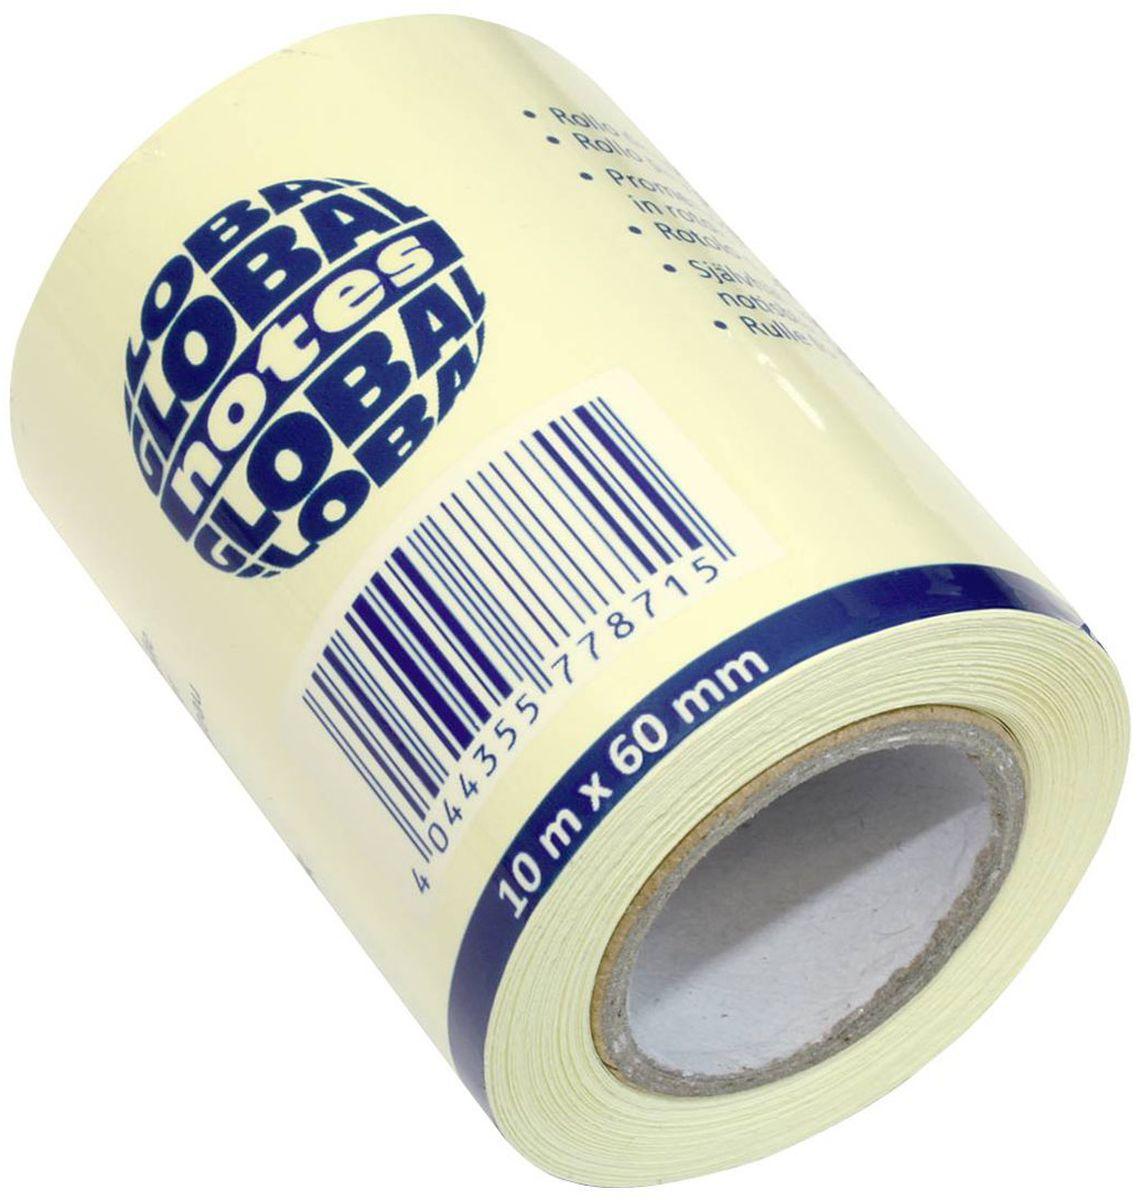 Global Notes Бумага для заметок с липким слоем цвет желтый 60 мм х 10 м 3620013089Бумага для заметок с липким слоем, разм. 60 мм х10 м, желтая, в роле, запасной блок для арт. 362401